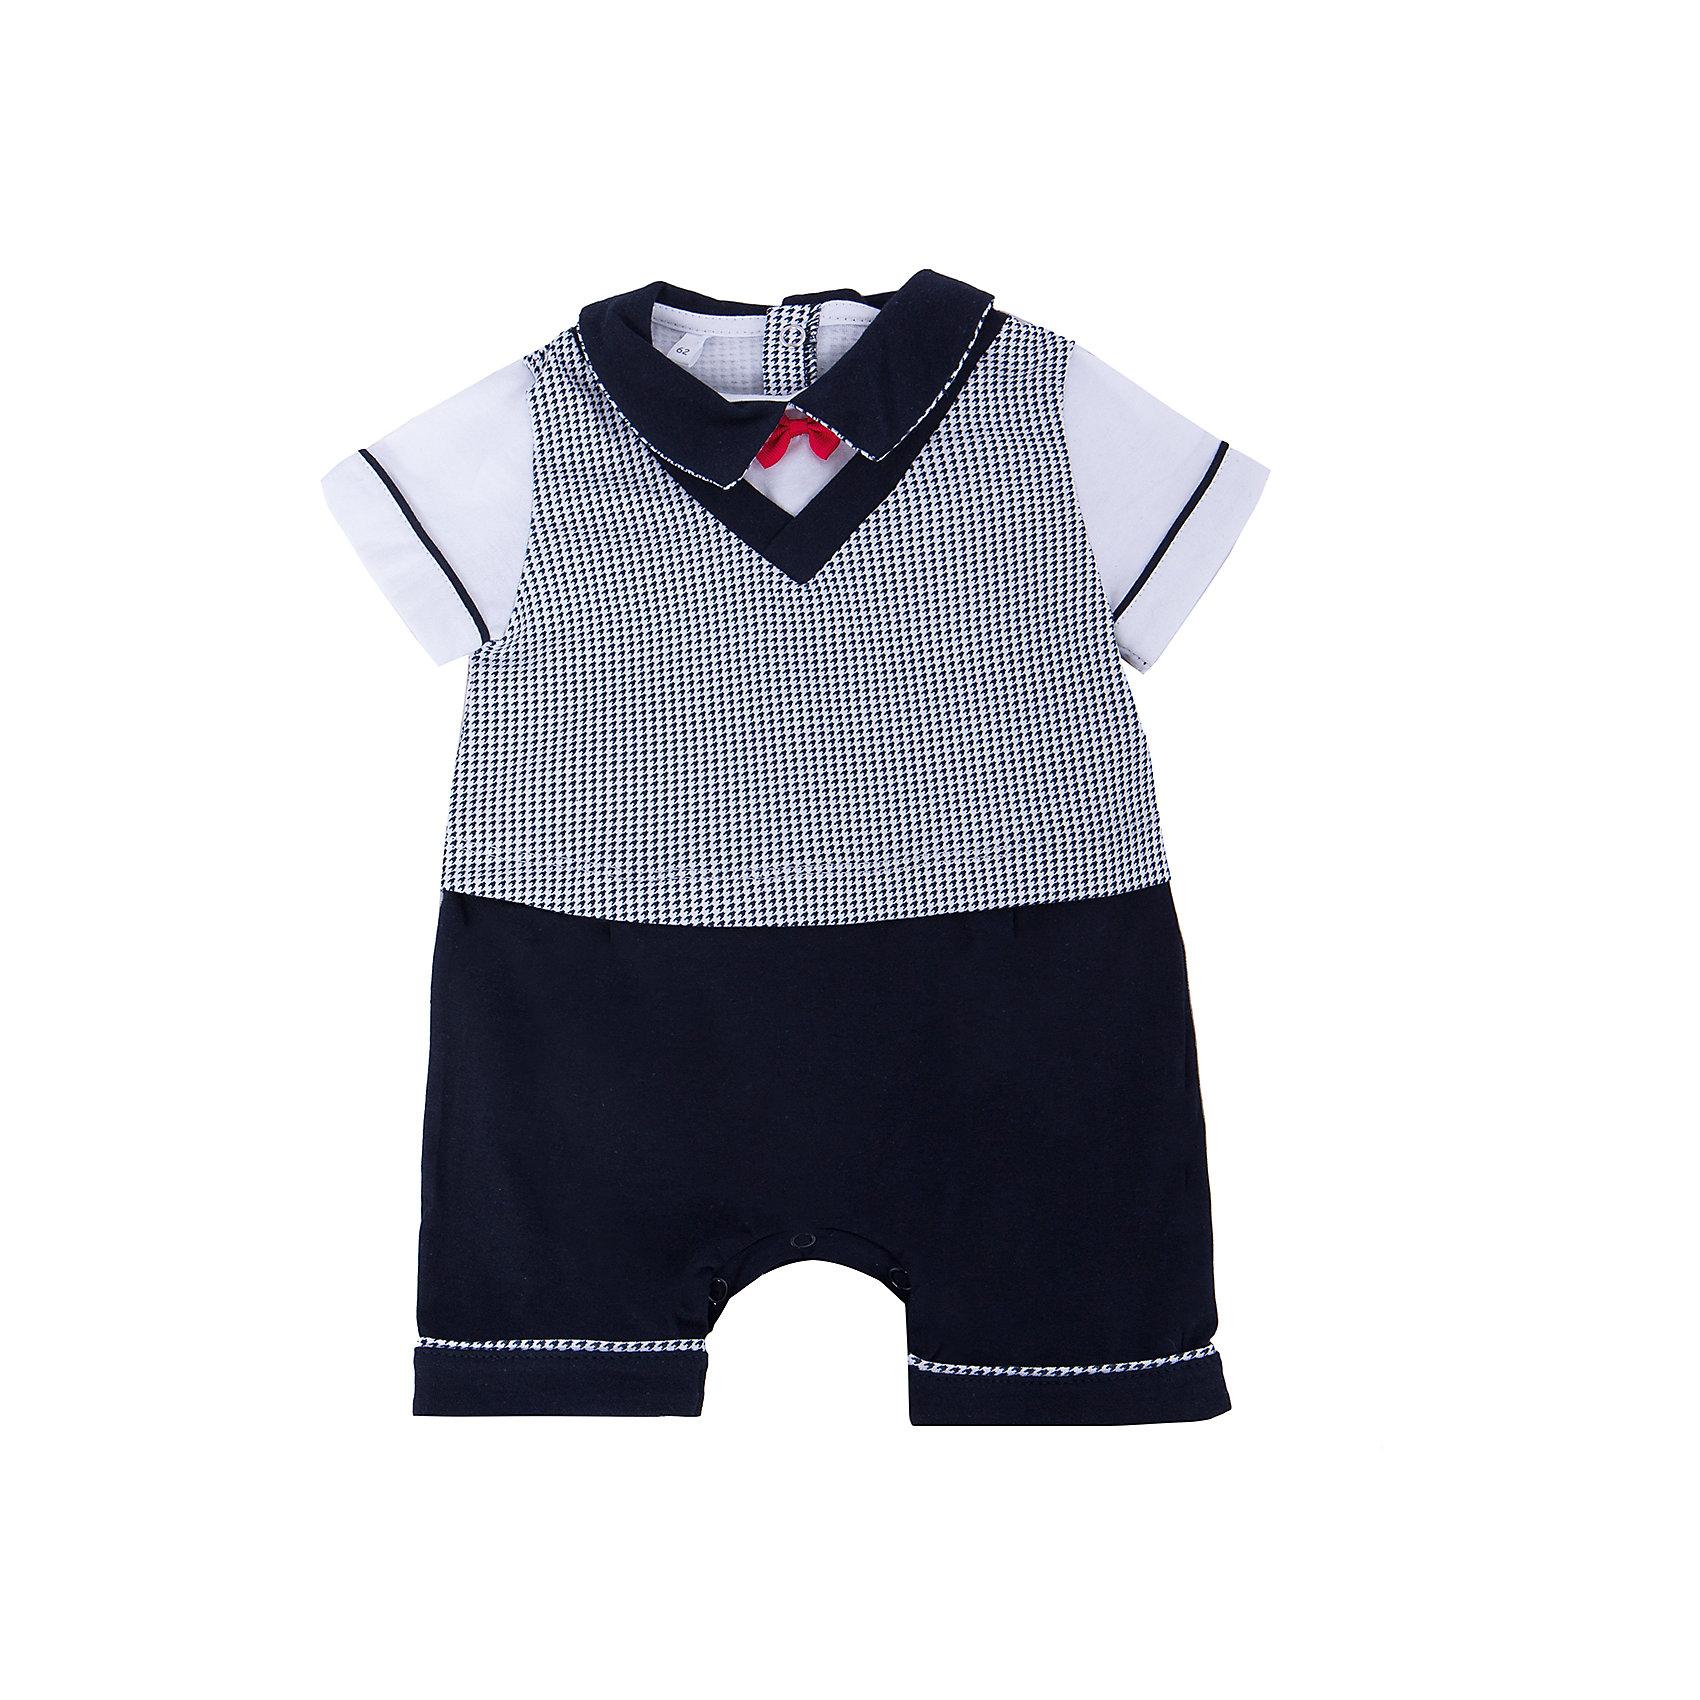 Песочник для мальчика Soni KidsПесочники<br>Песочник для мальчика от популярной марки Soni Kids <br> <br>Нарядный и удобный песочник в черно-белой гамме сшит из мягкого дышащего хлопка. Это гипоаллергенный материал, который отлично подходит для детской одежды. Правильный крой обеспечит ребенку удобство, не будет натирать и стеснять движения. <br> <br>Особенности модели: <br> <br>- цвет - белый, черный; <br>- материал - натуральный хлопок; <br>- декорирован красным бантиком; <br>- имитация жилета и шорт; <br>- отложной воротник; <br>- рукава короткие, с отделкой; <br>- застежки - кнопки сзади и внизу. <br> <br>Дополнительная информация: <br> <br>Состав: 100% хлопок <br> <br>Песочник для мальчика от популярной марки Soni Kids (Сони Кидс) можно купить в нашем магазине.<br><br>Ширина мм: 157<br>Глубина мм: 13<br>Высота мм: 119<br>Вес г: 200<br>Цвет: черный/белый<br>Возраст от месяцев: 6<br>Возраст до месяцев: 9<br>Пол: Мужской<br>Возраст: Детский<br>Размер: 74,86,62,68,80<br>SKU: 4545039